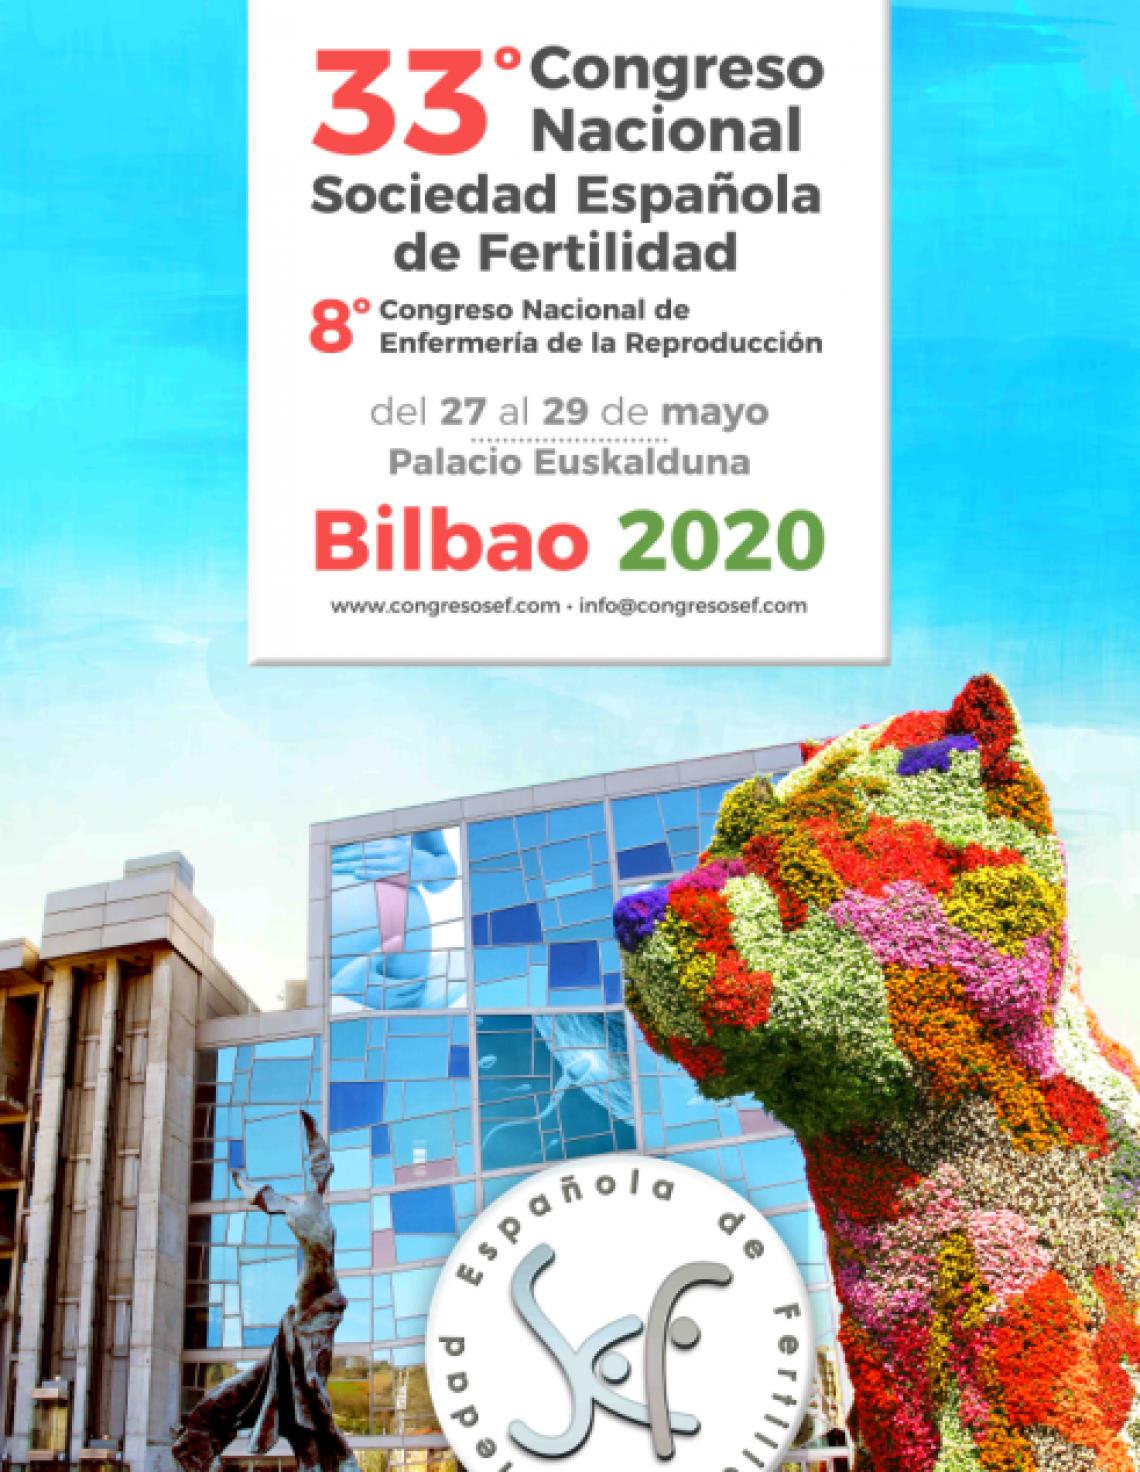 33º Congreso Nacional Sociedad Española de Fertilidad